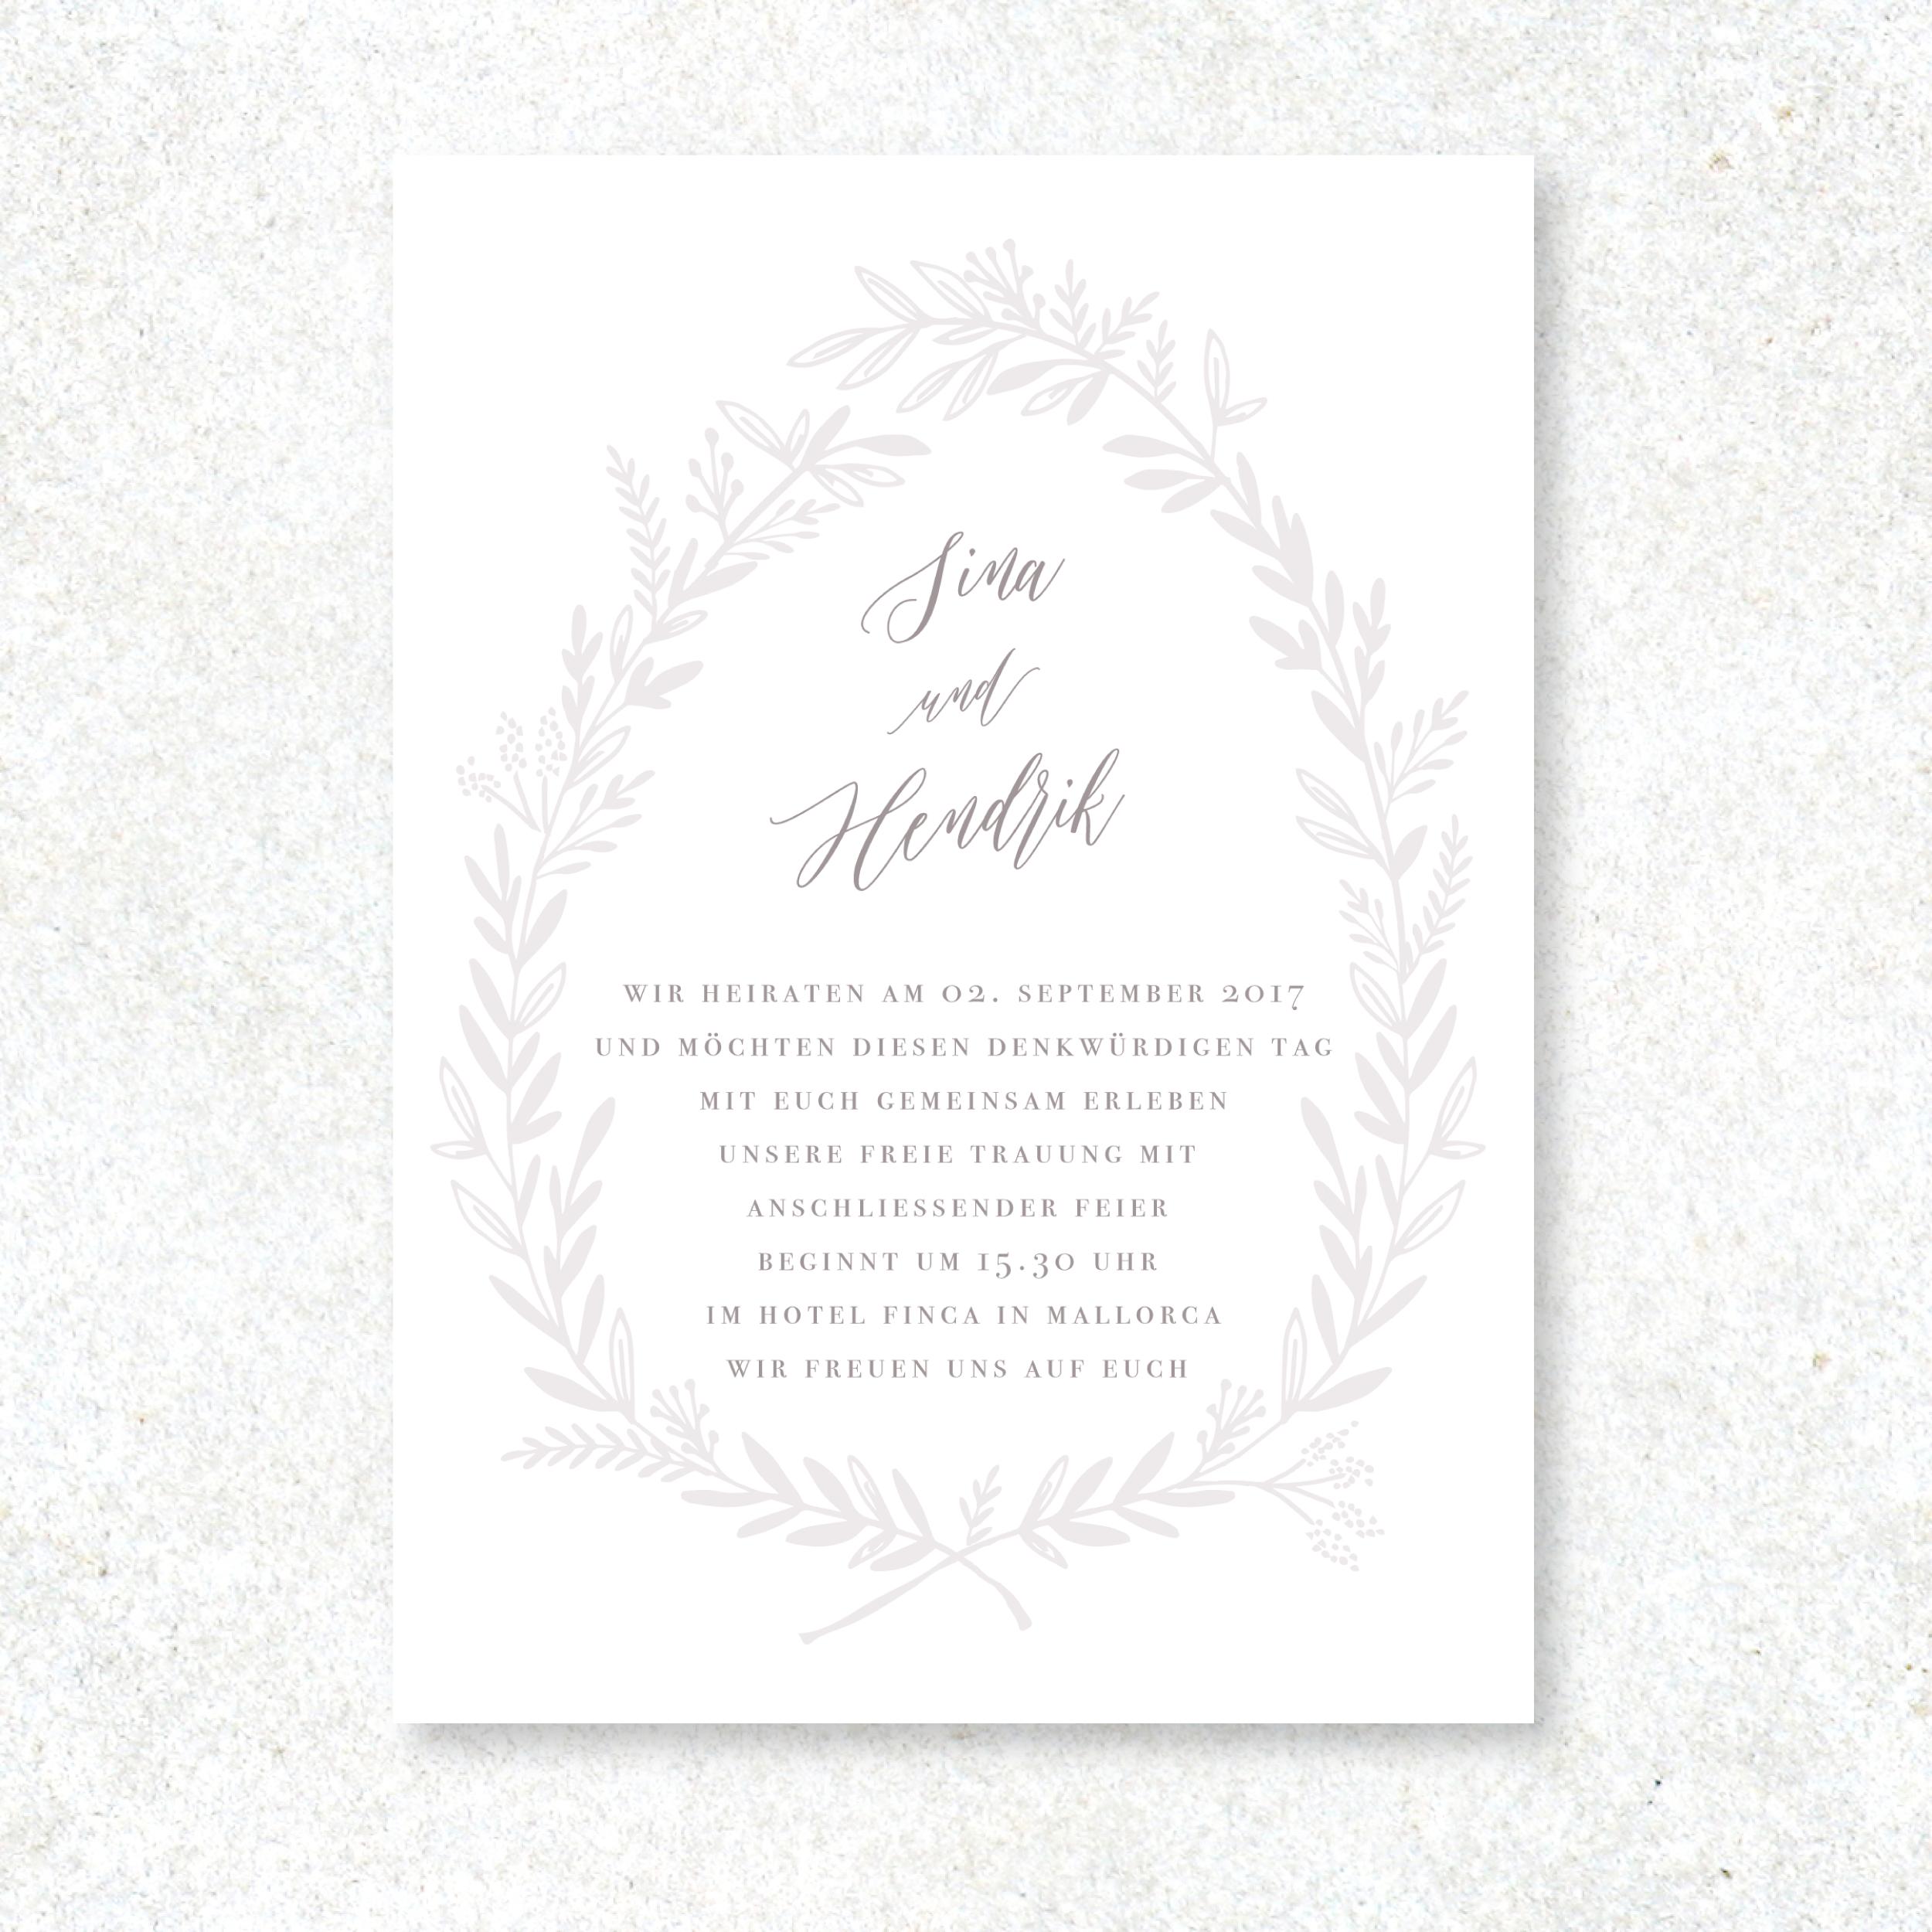 Grande Kranz Hochzeitseinladung